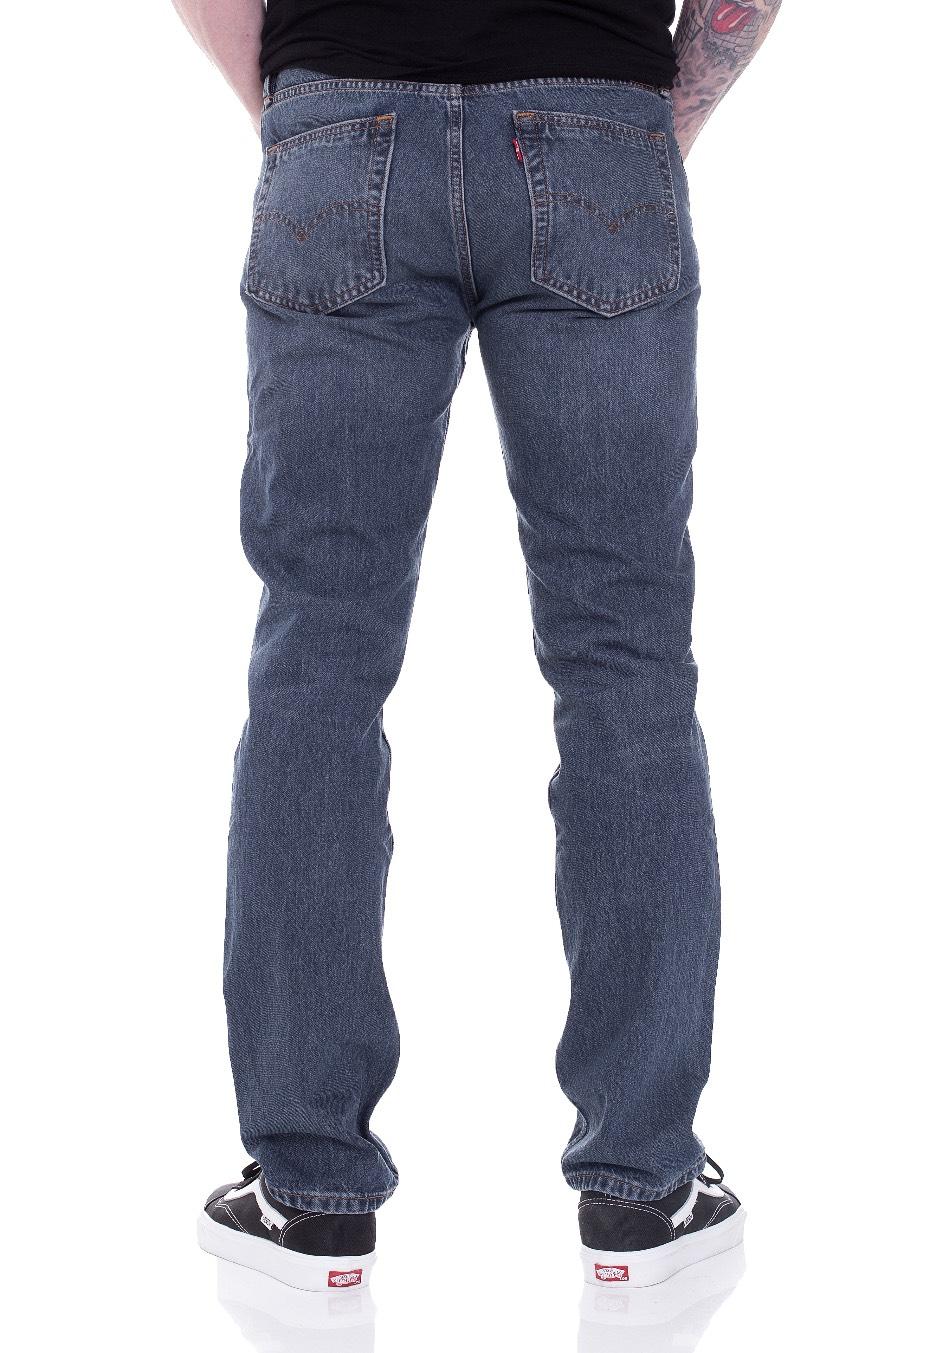 Levi s - Skate 511 Slim SE Bush Dark Indigo-Worn In - Jeans - Loja ... bf78b190645